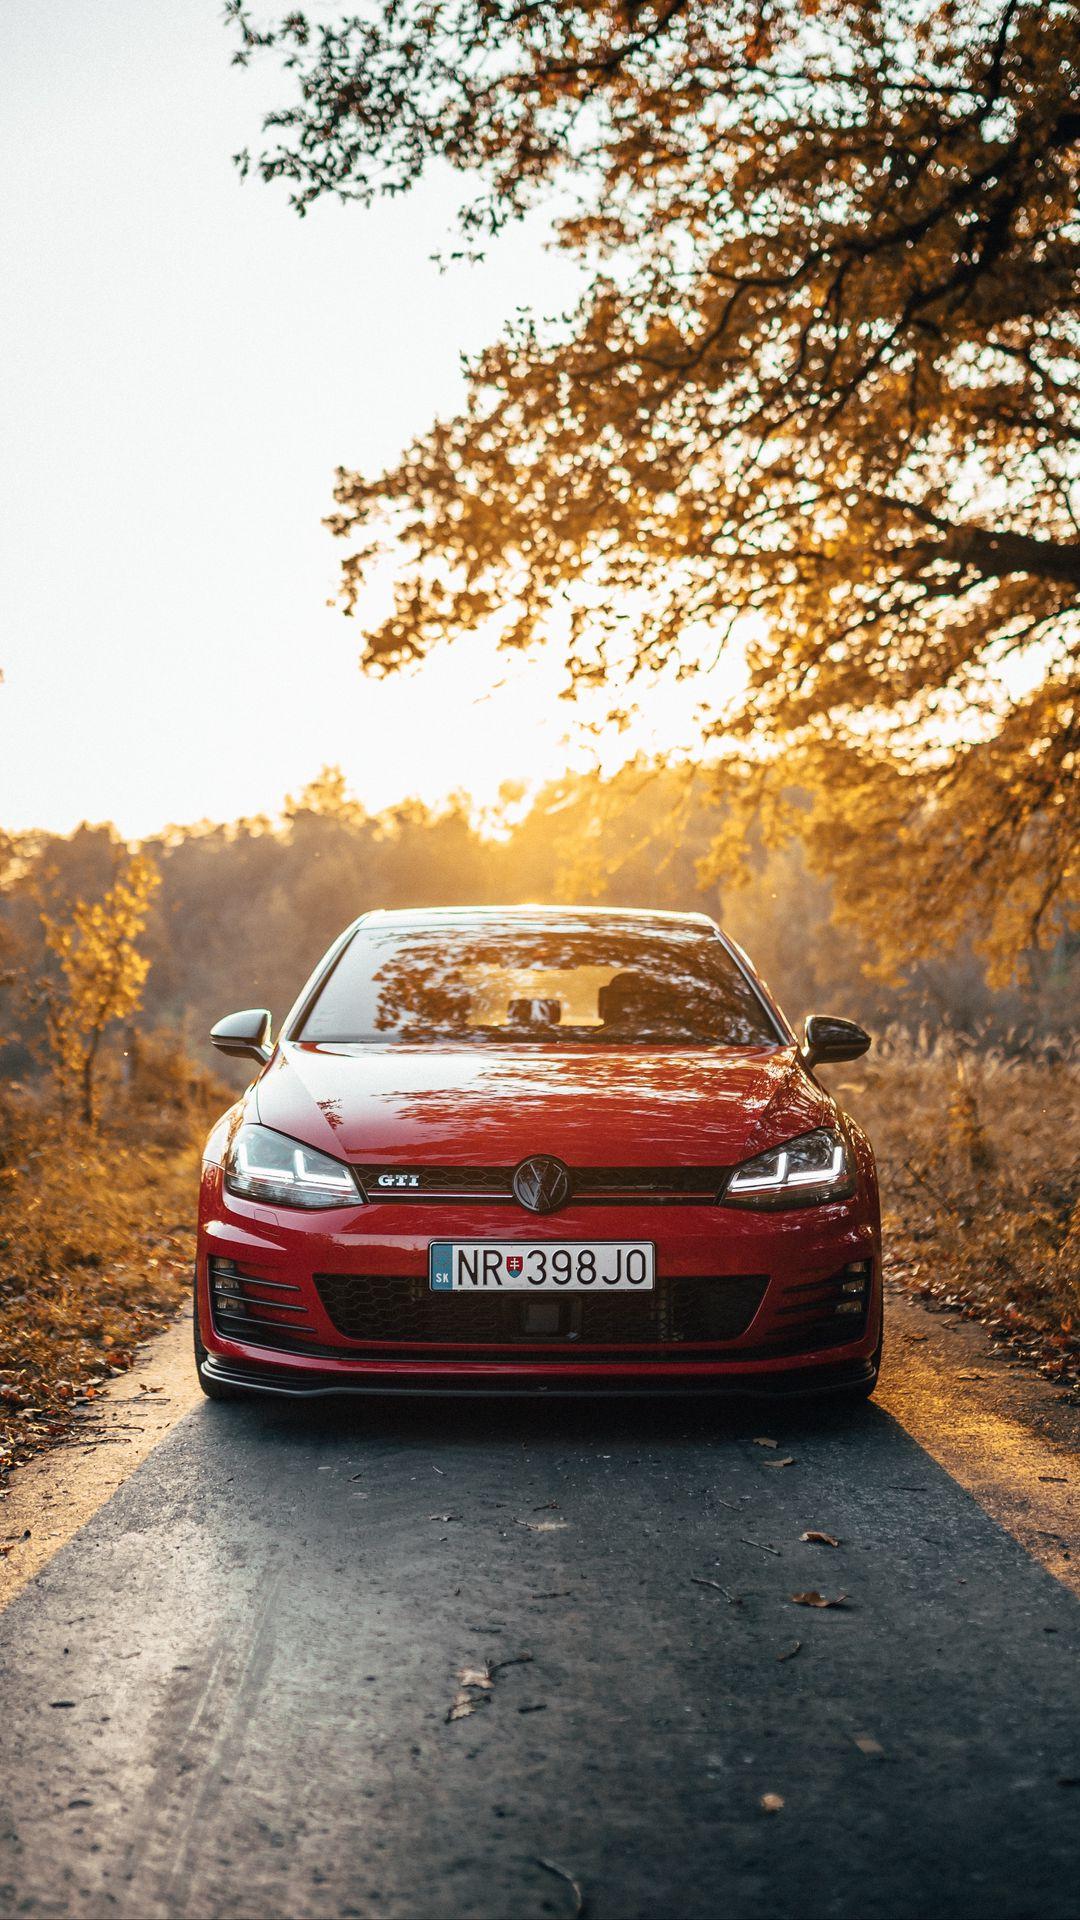 Volkswagen Golf GTI MK7 HD Wallpapers Download